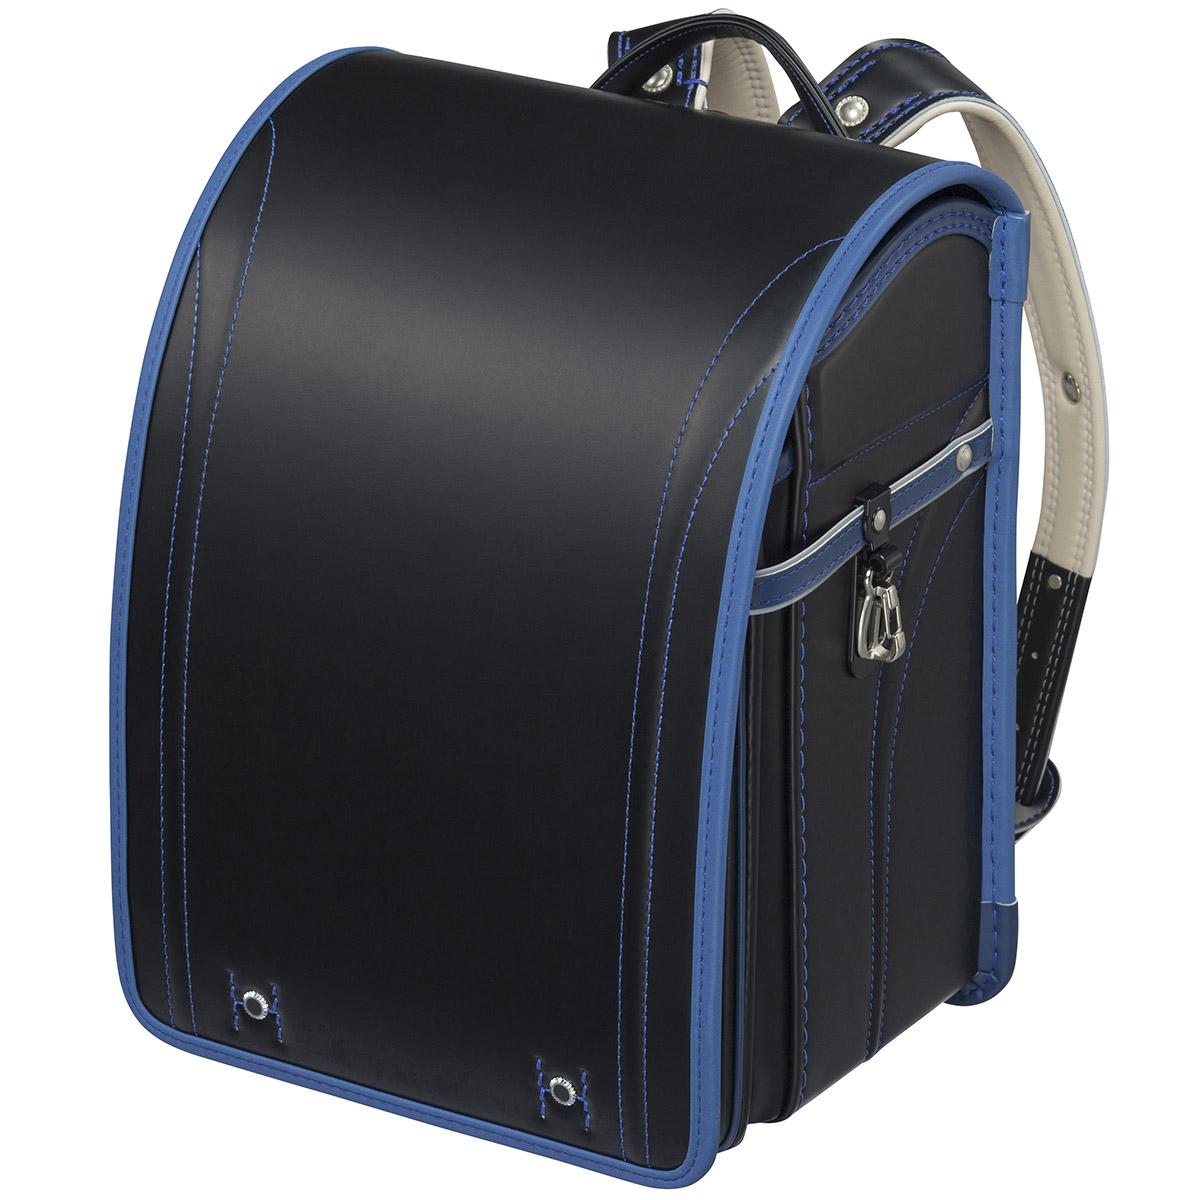 フィットちゃんランドセル グッドボーイプラス 安ピカッタイプ(FIT-205AW) A4フラットファイル収納サイズ